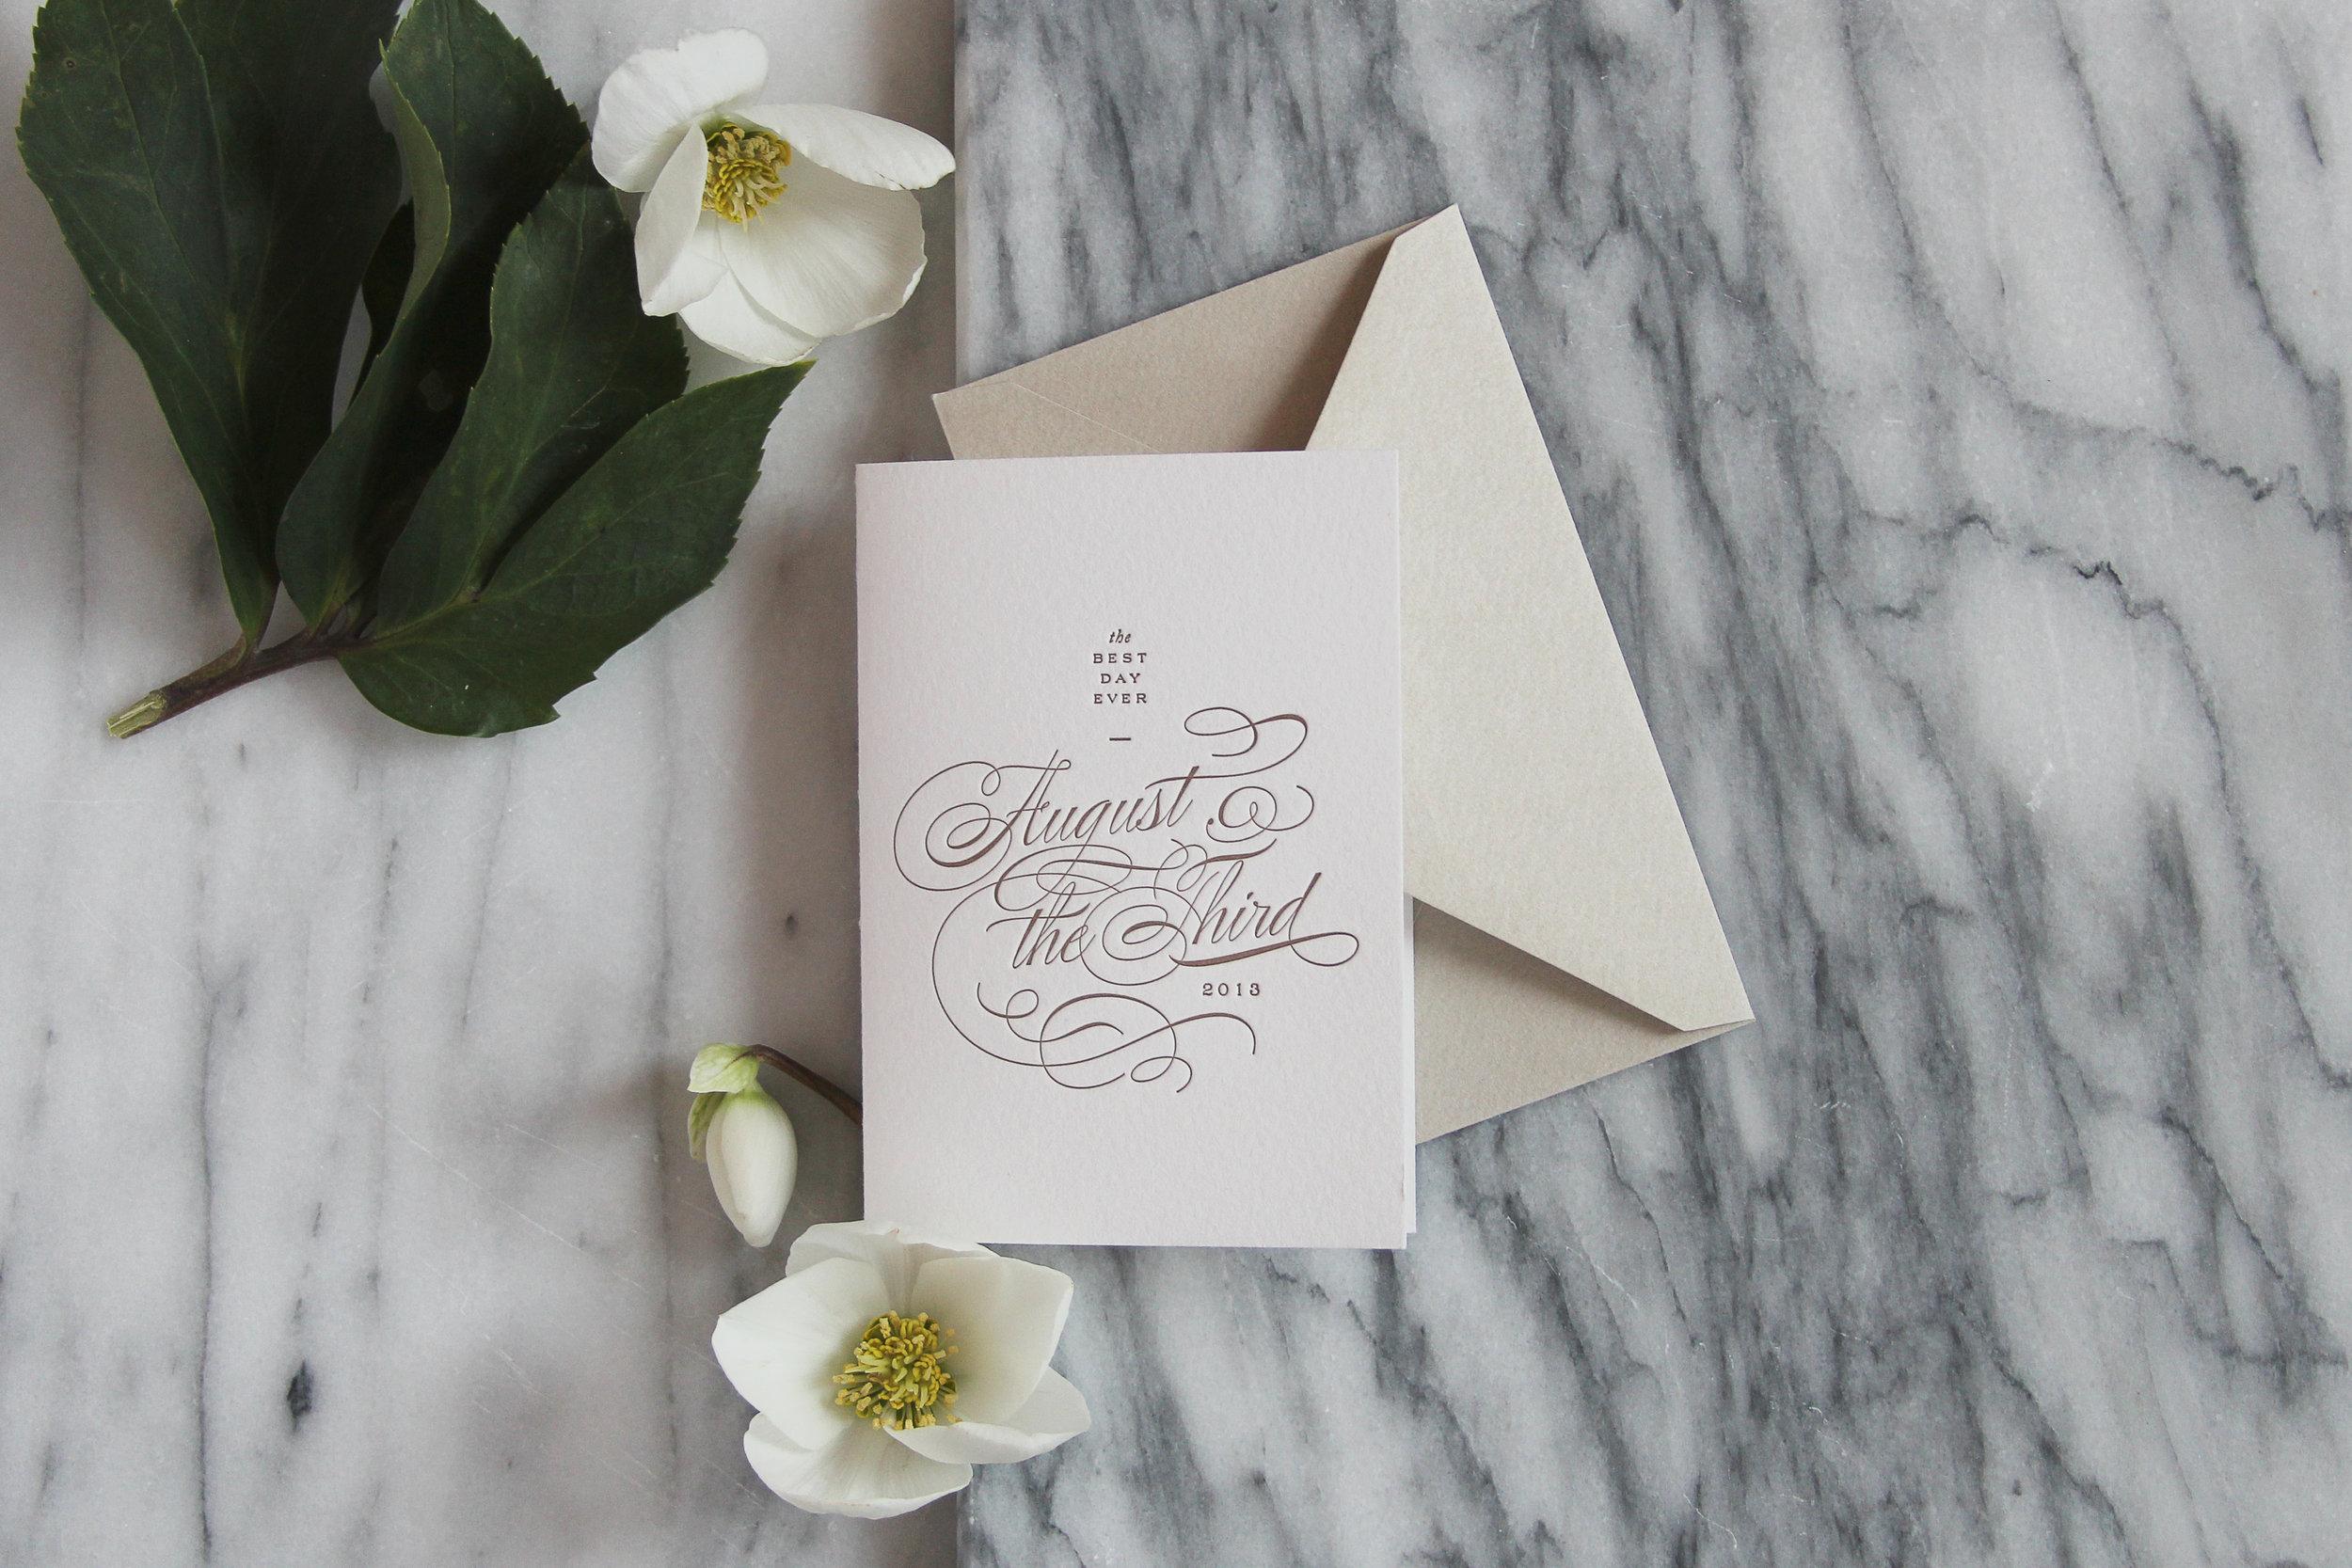 Thomas-Priya-Tiffany-Weddings-Niru-Baku2.jpg